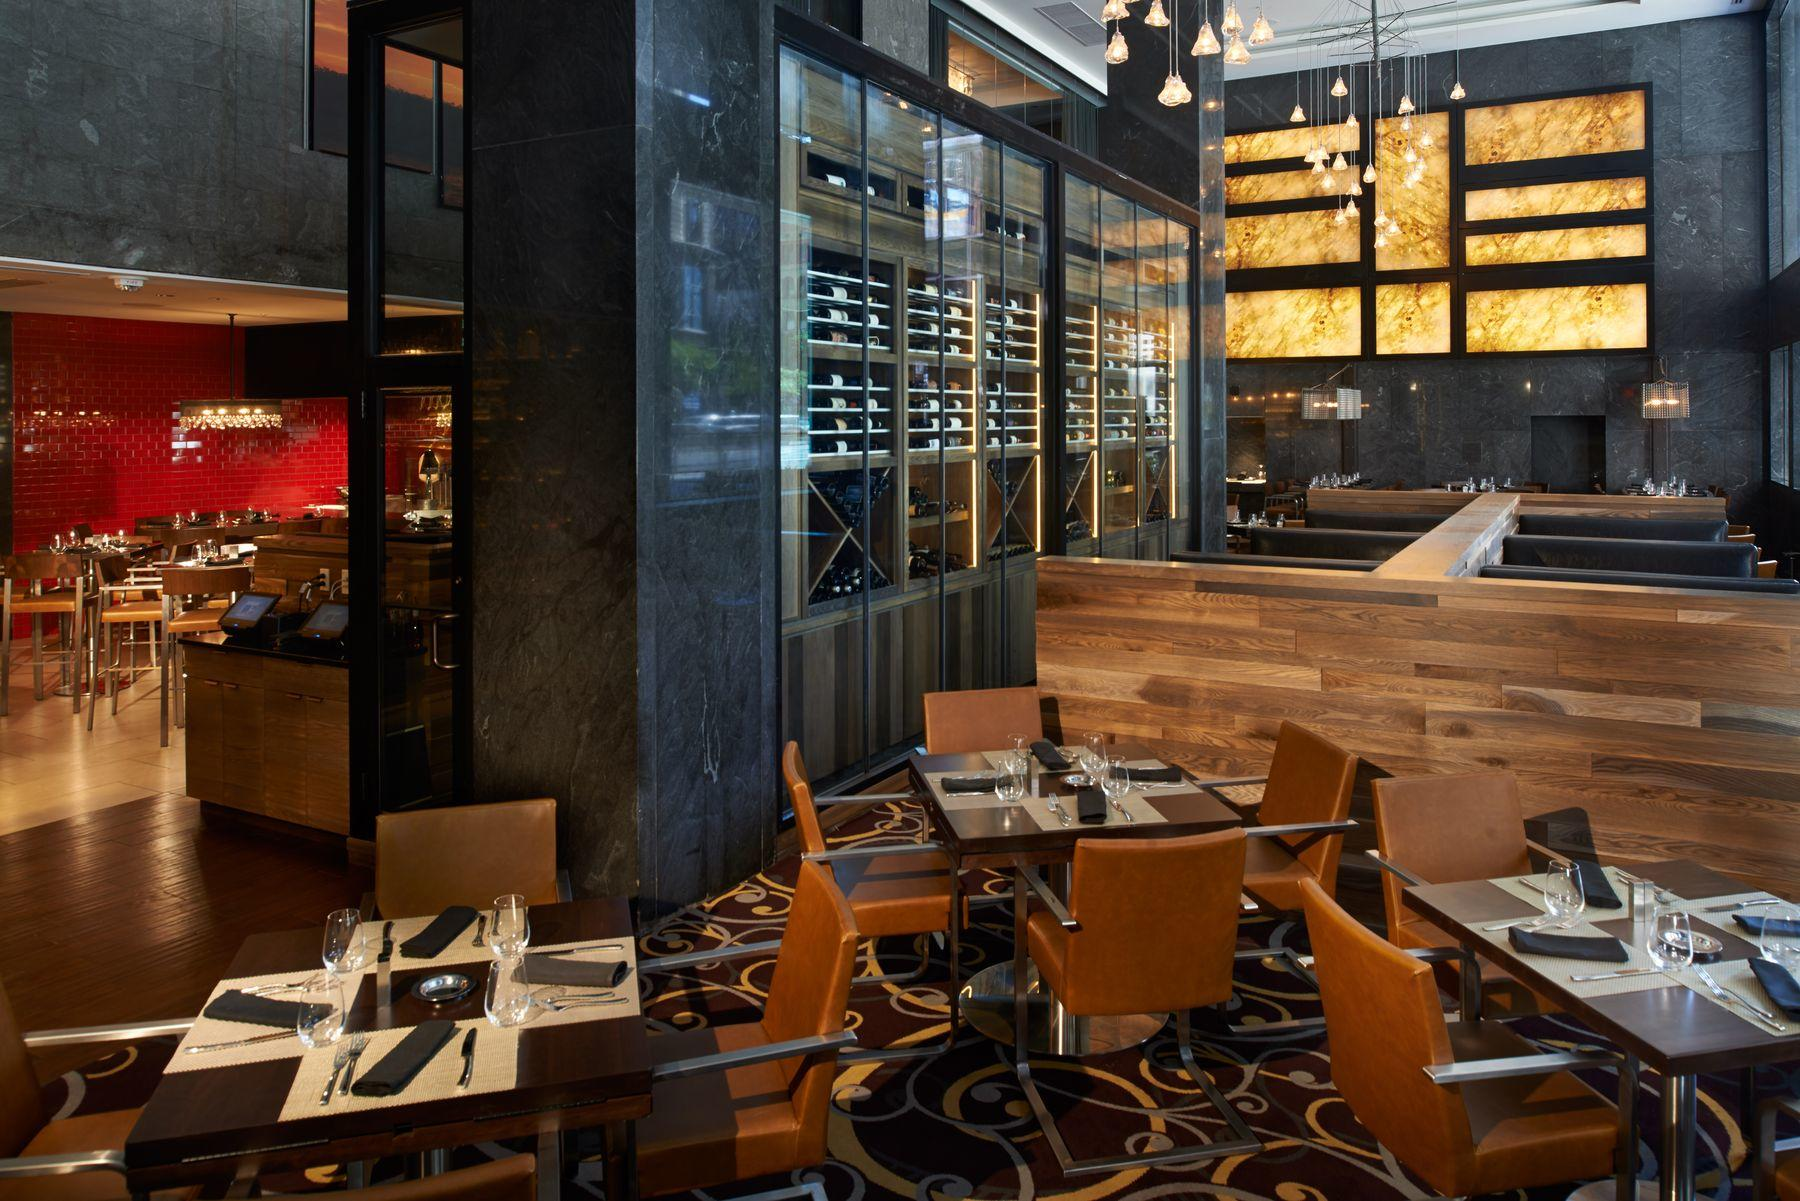 Inside the trendy Adega restaurant